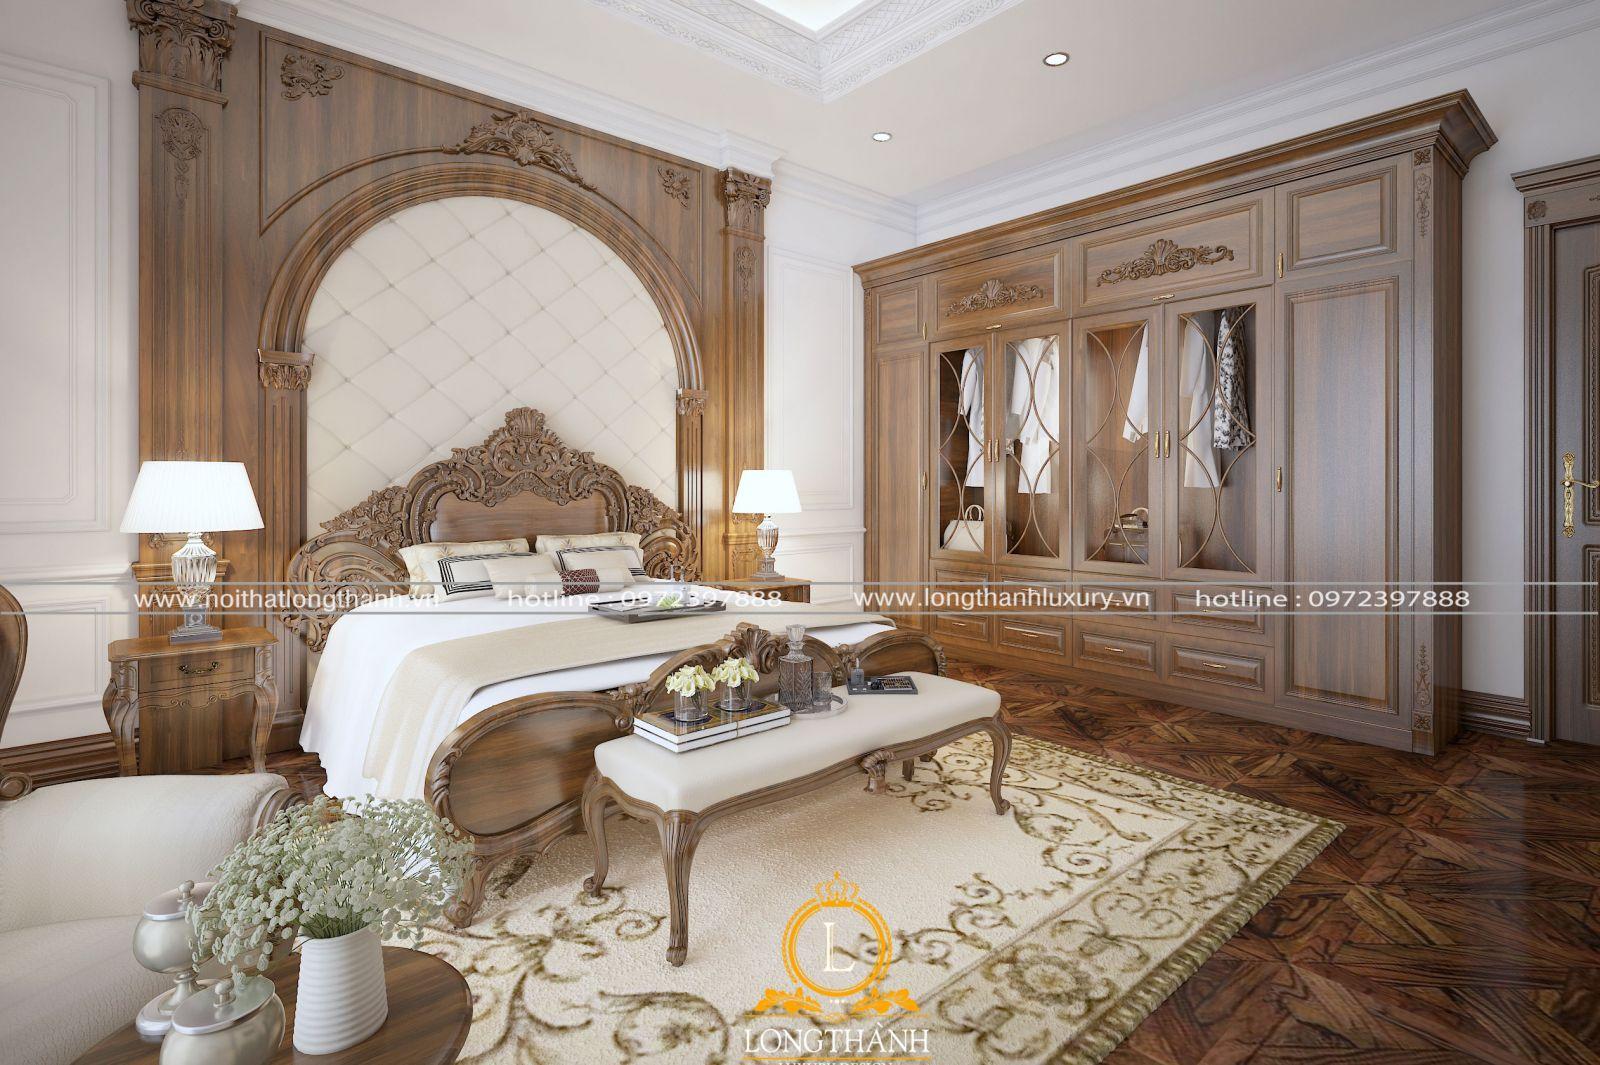 Phòng ngủ cao cấp biệt thự Vinhomes Harmony